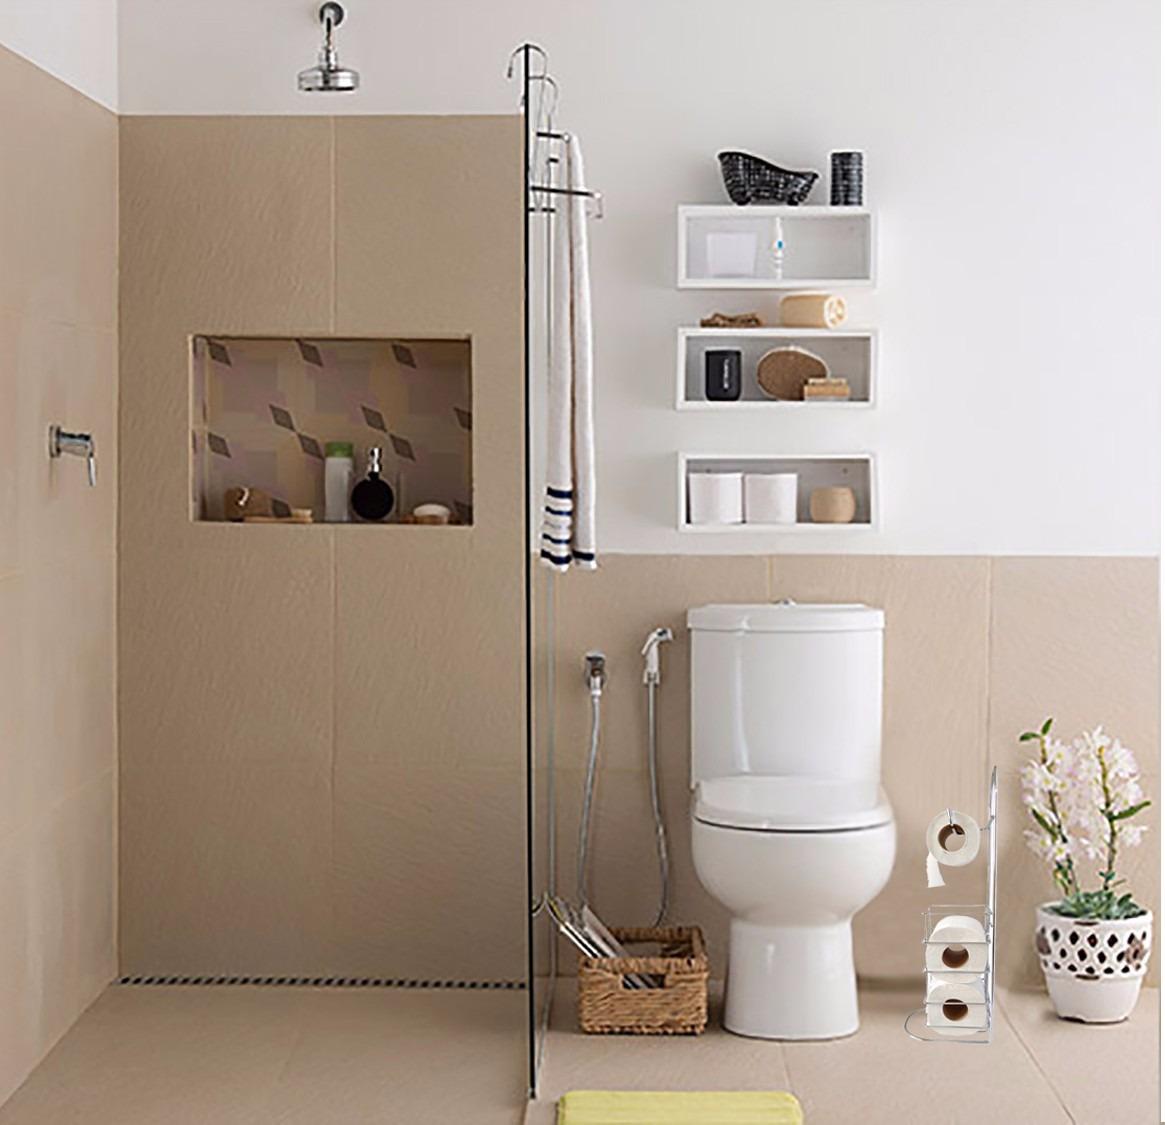 Porta papel higi nico a o cromado c estoque banheiro - Amueblar piso pequeno barato ...